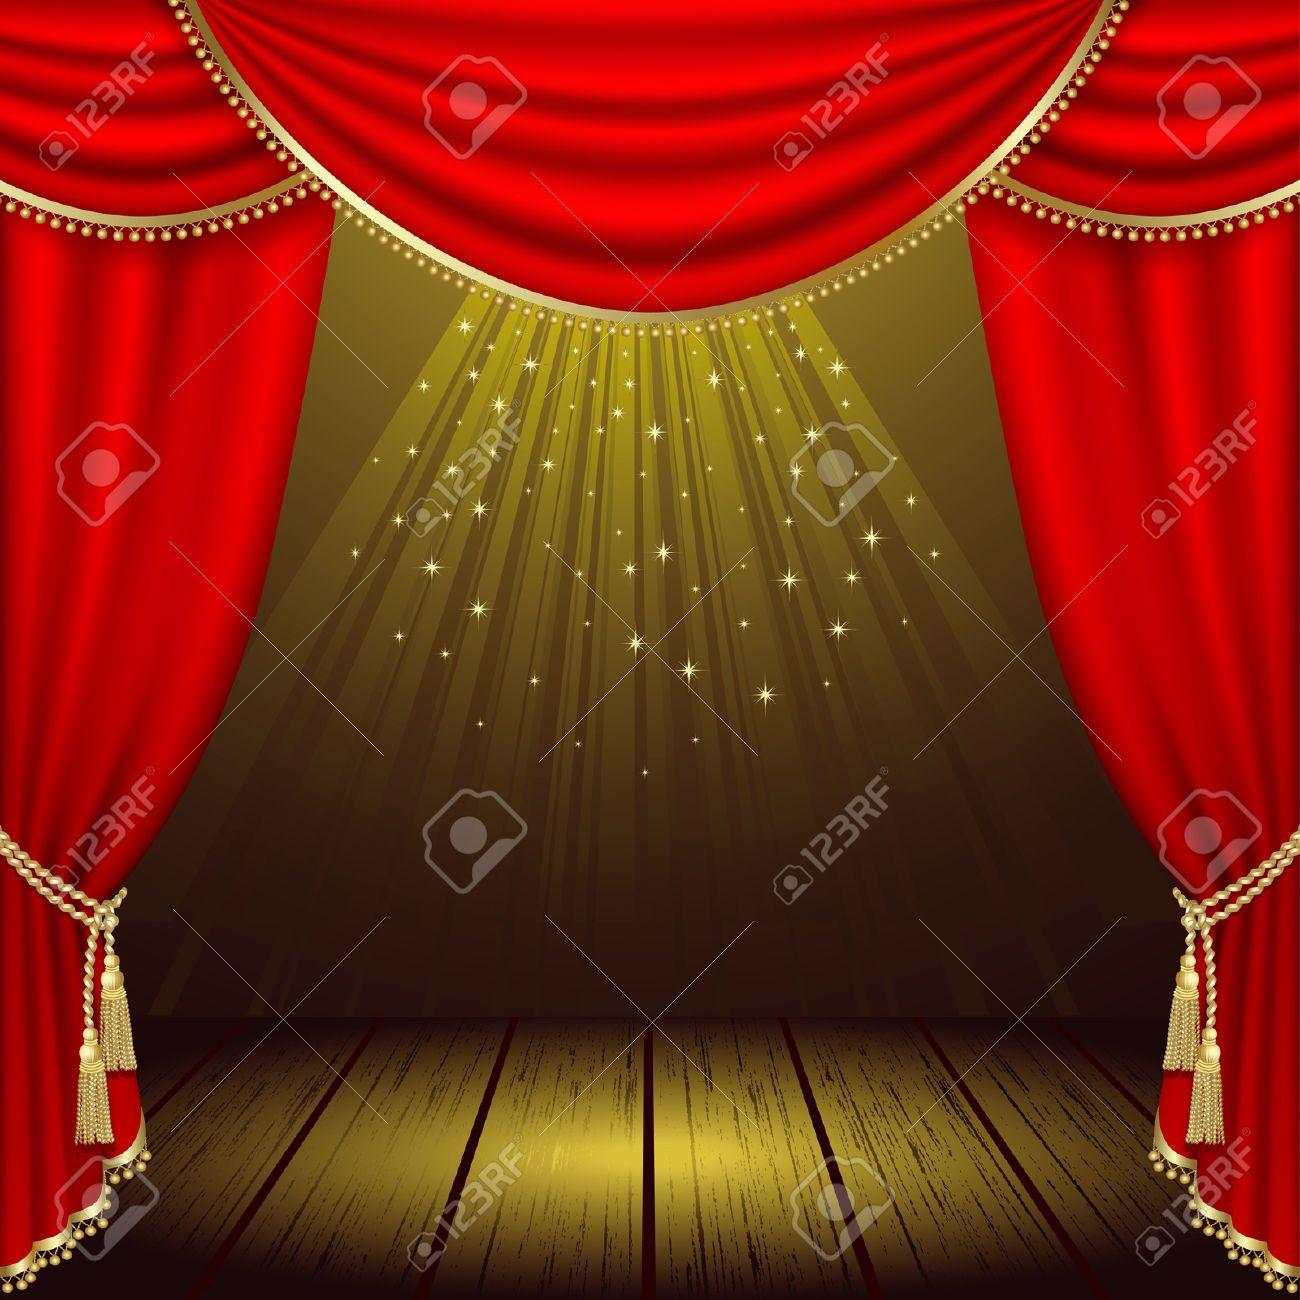 Resultado de imagen de clipart de un teatrocon escenario.